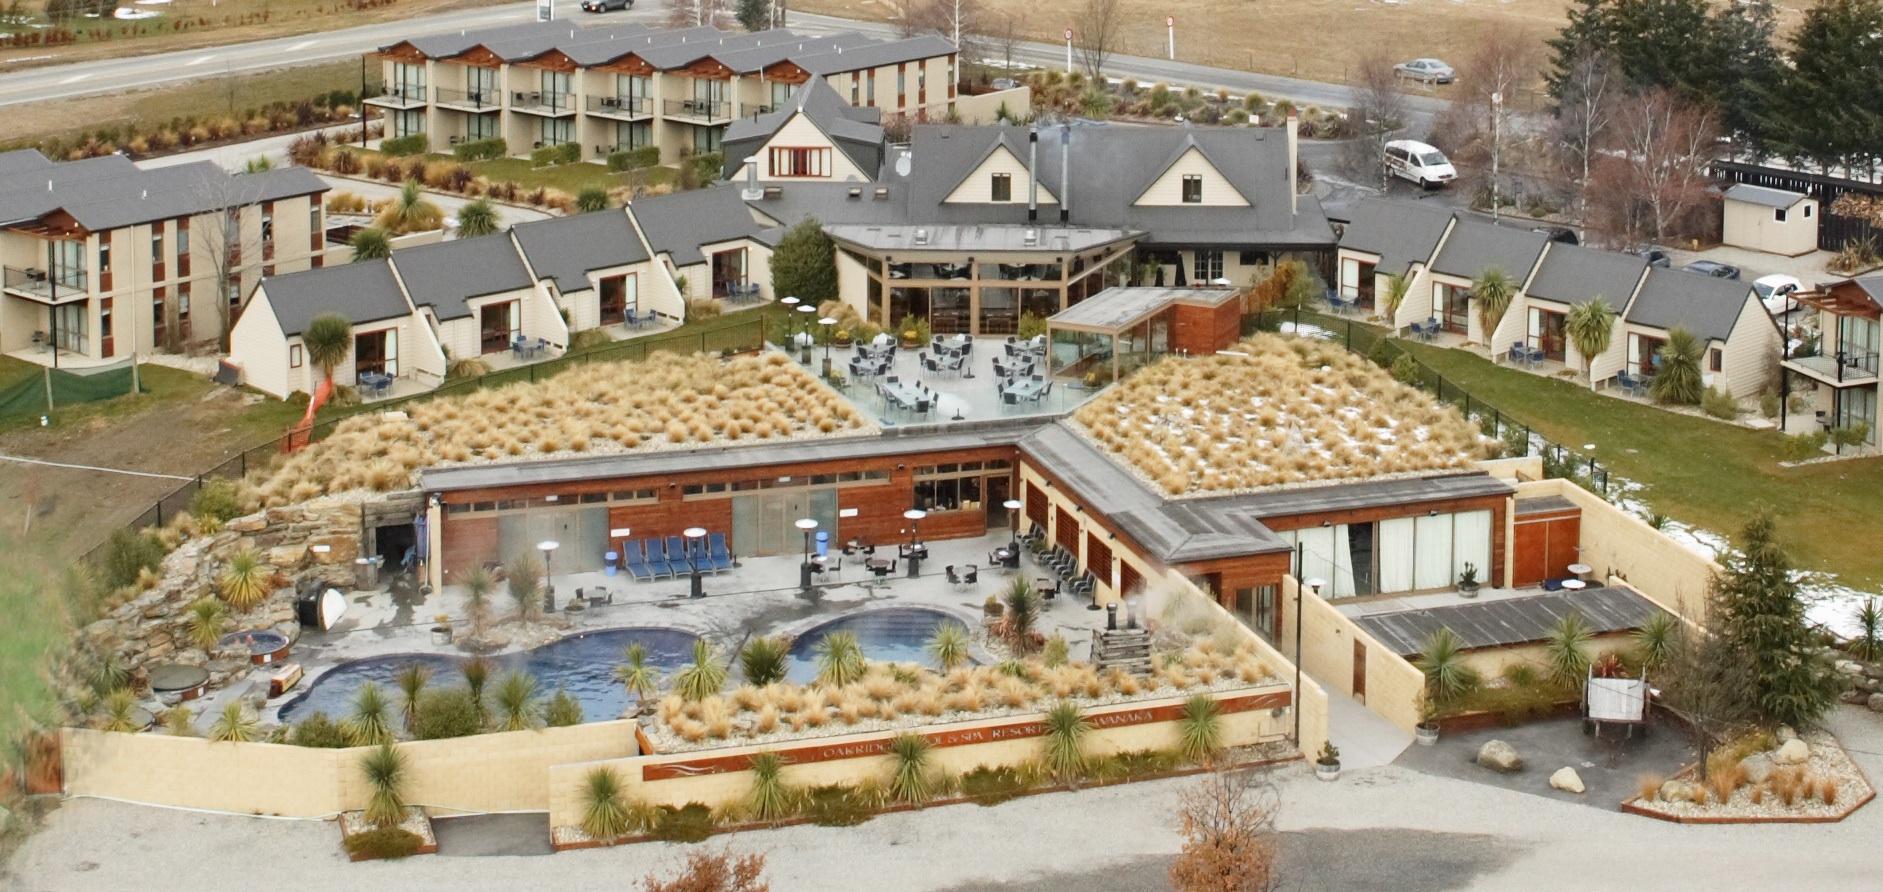 35 Oakridge Resort Wanaka photograph courtesy of Oakridge Resort and hyperlink www.oakridge.co.nz.jpg